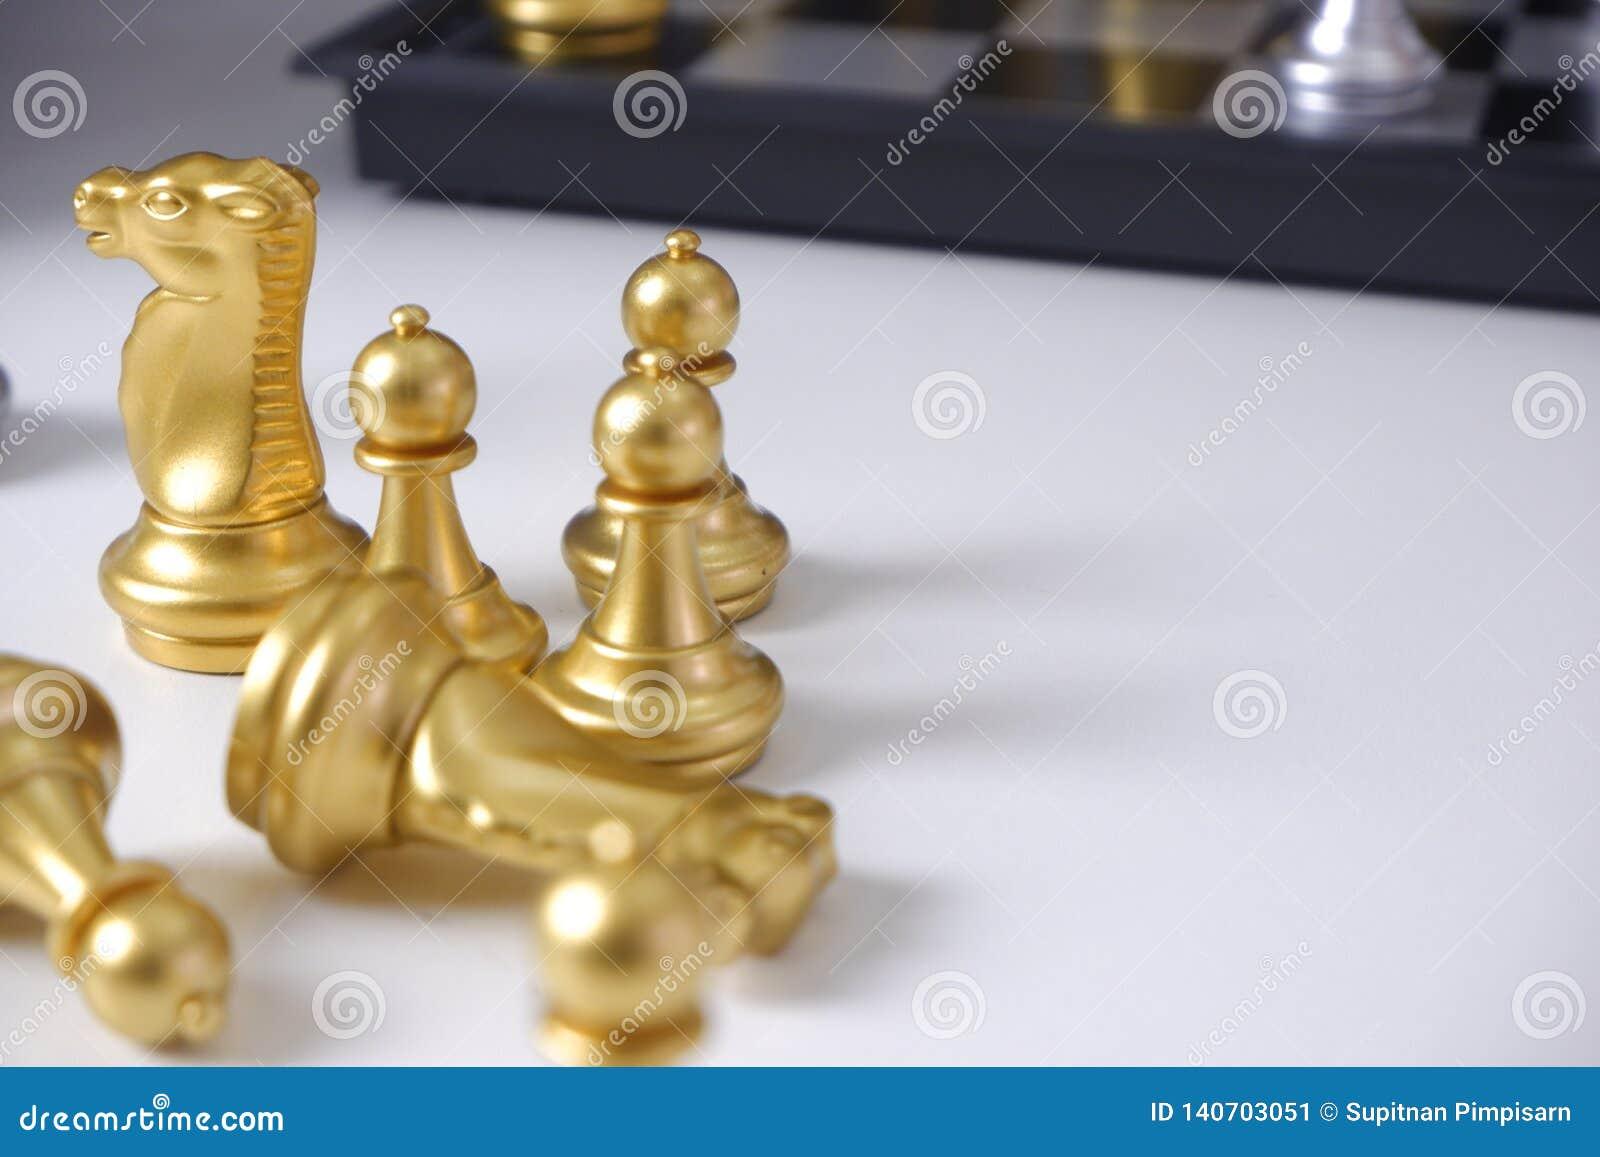 棋盘,打在白色桌上的下棋比赛;对经营战略,领导和管理概念